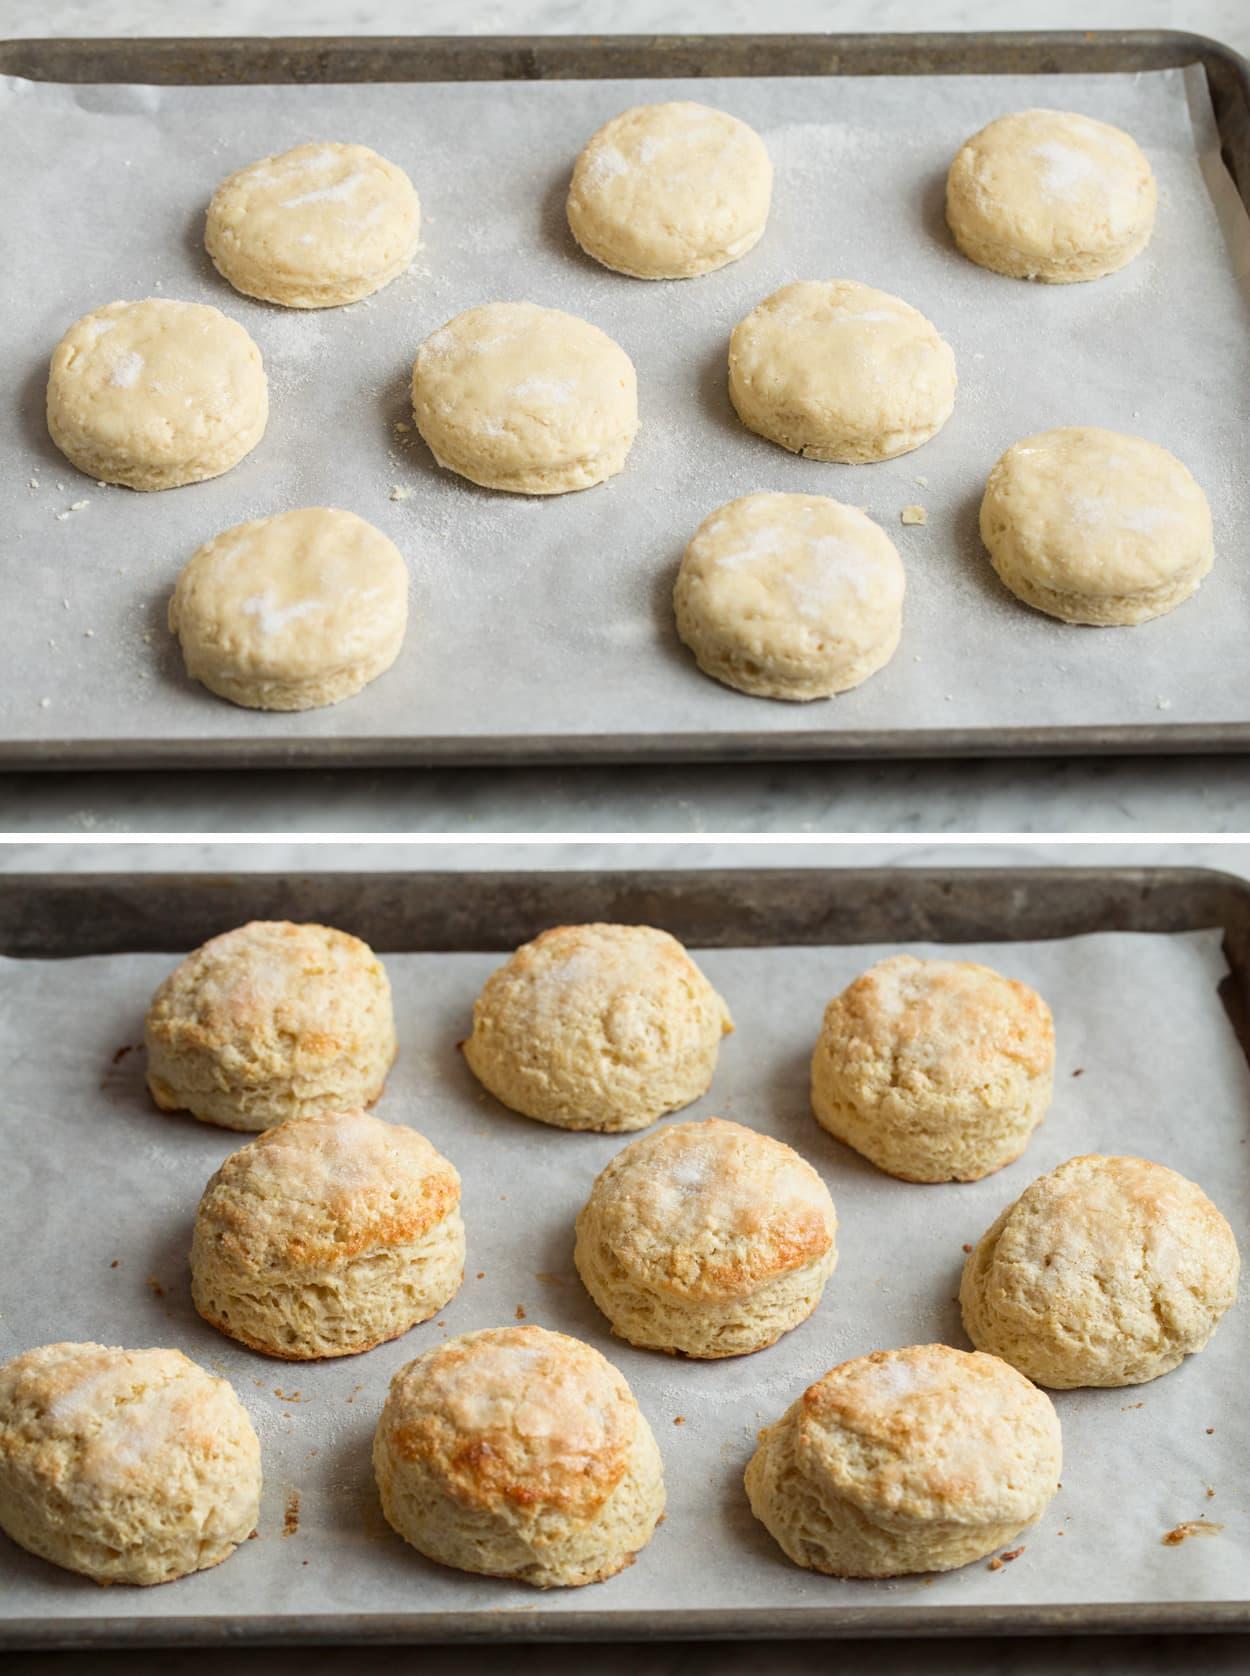 Os biscoitos do shortcake da morango mostrados no pergaminho alinharam a folha de cozimento antes e depois do cozimento.